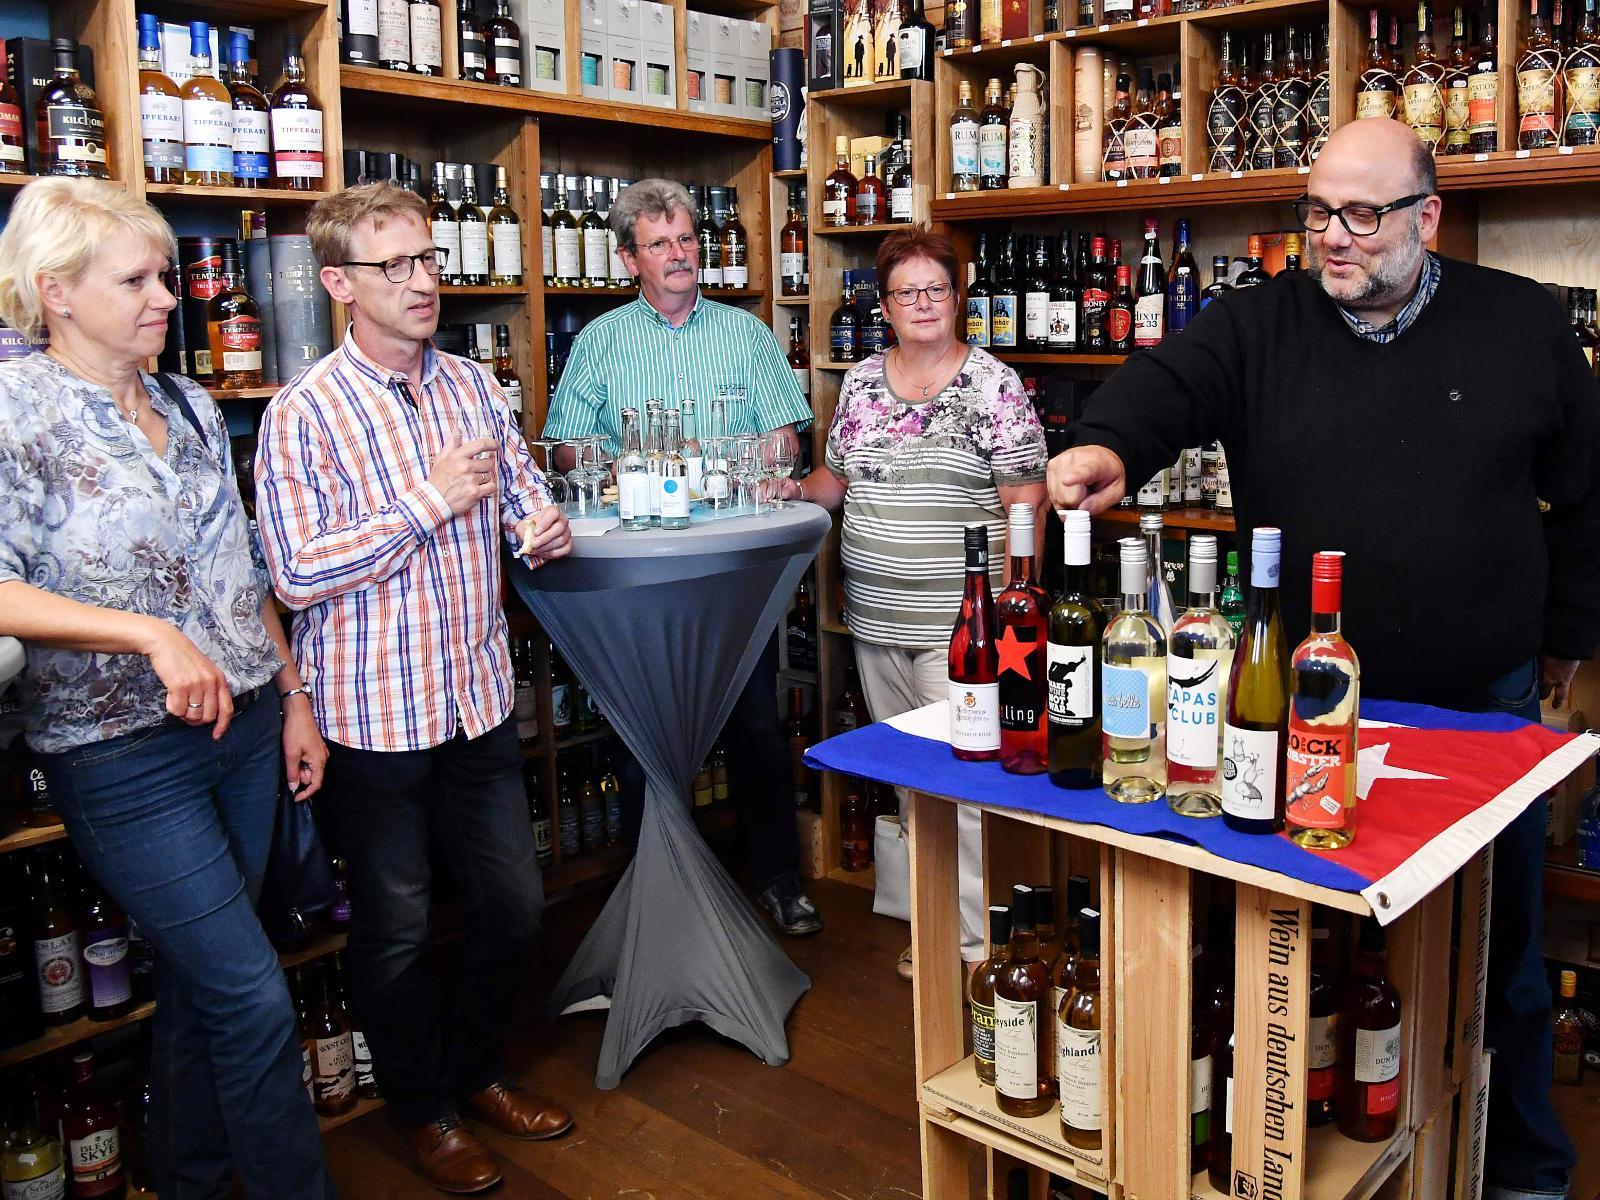 Christiane und Detlef Düwel haben nicht nur probiert, sondern auch allerhand über Wein erfahren.